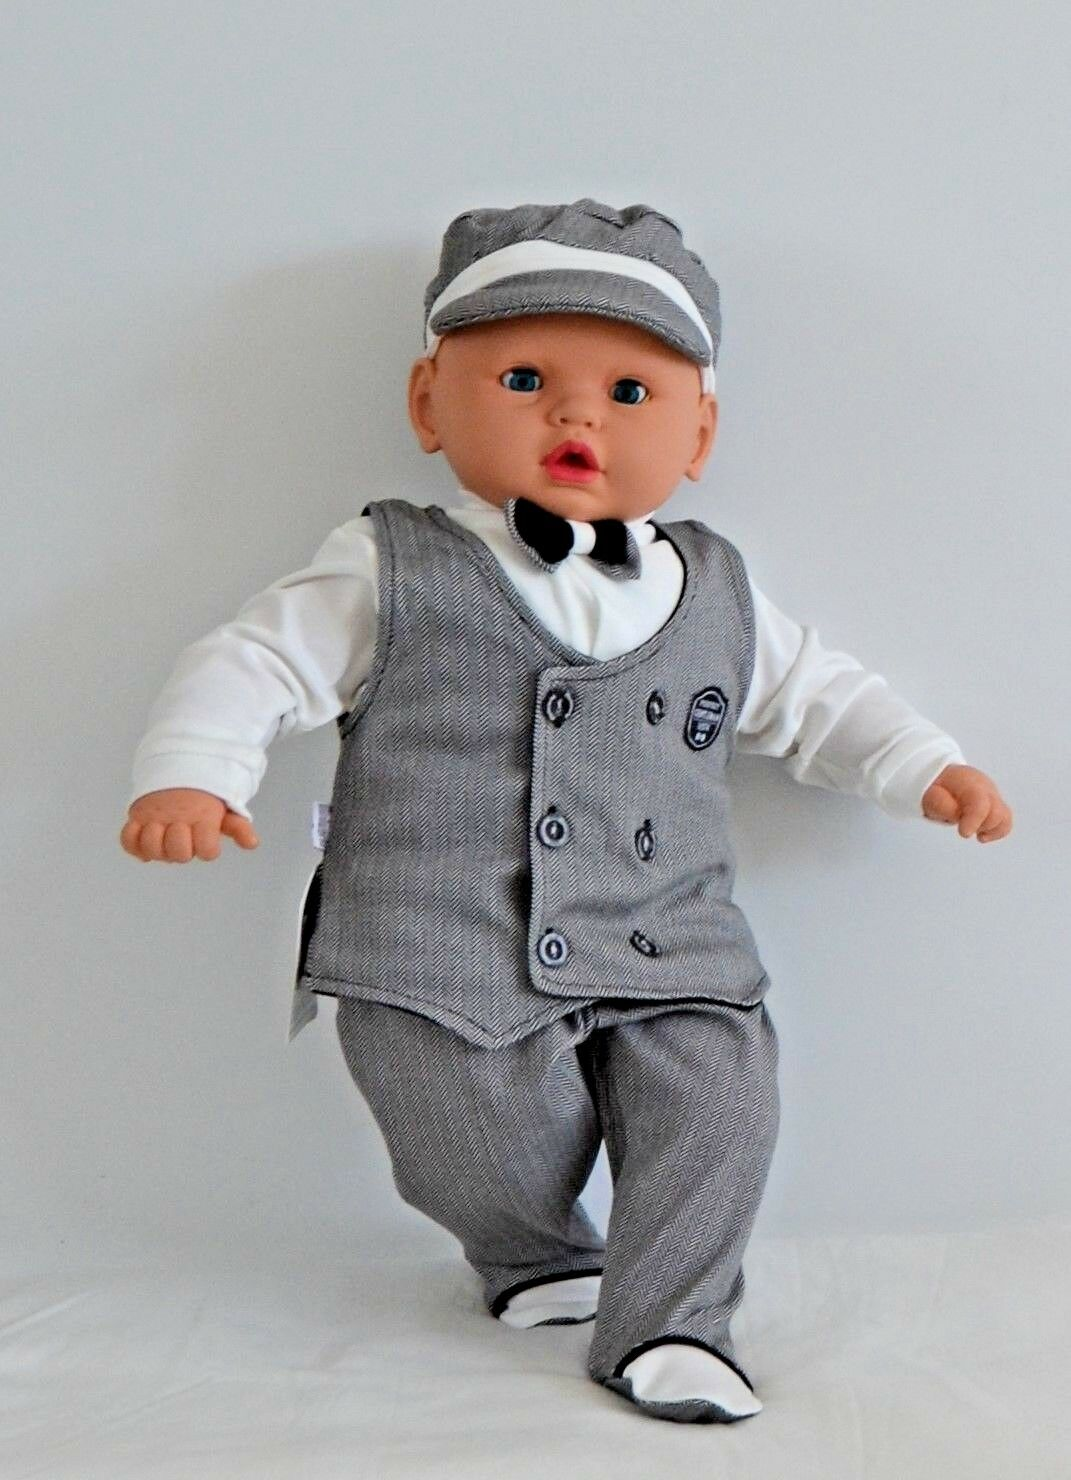 baby festliche kleidung junge test vergleich baby festliche kleidung junge g nstig kaufen. Black Bedroom Furniture Sets. Home Design Ideas